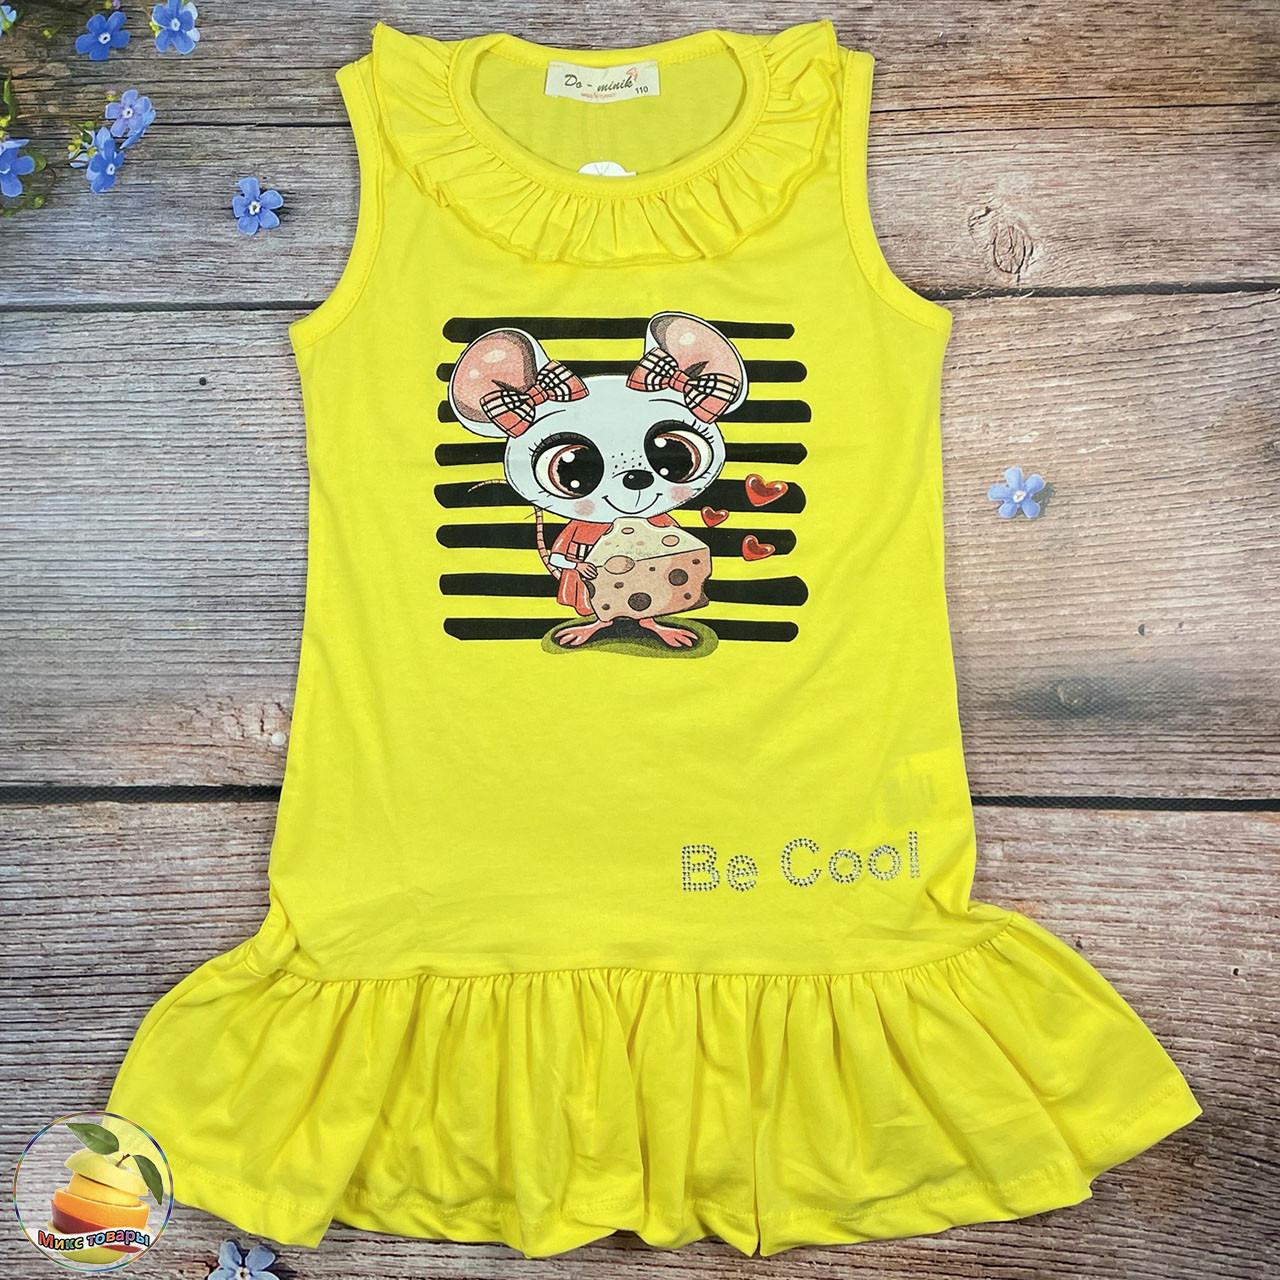 """Платье для девочки """"Мышка"""" Размер: 110,116,122,128 см (01843-2)"""